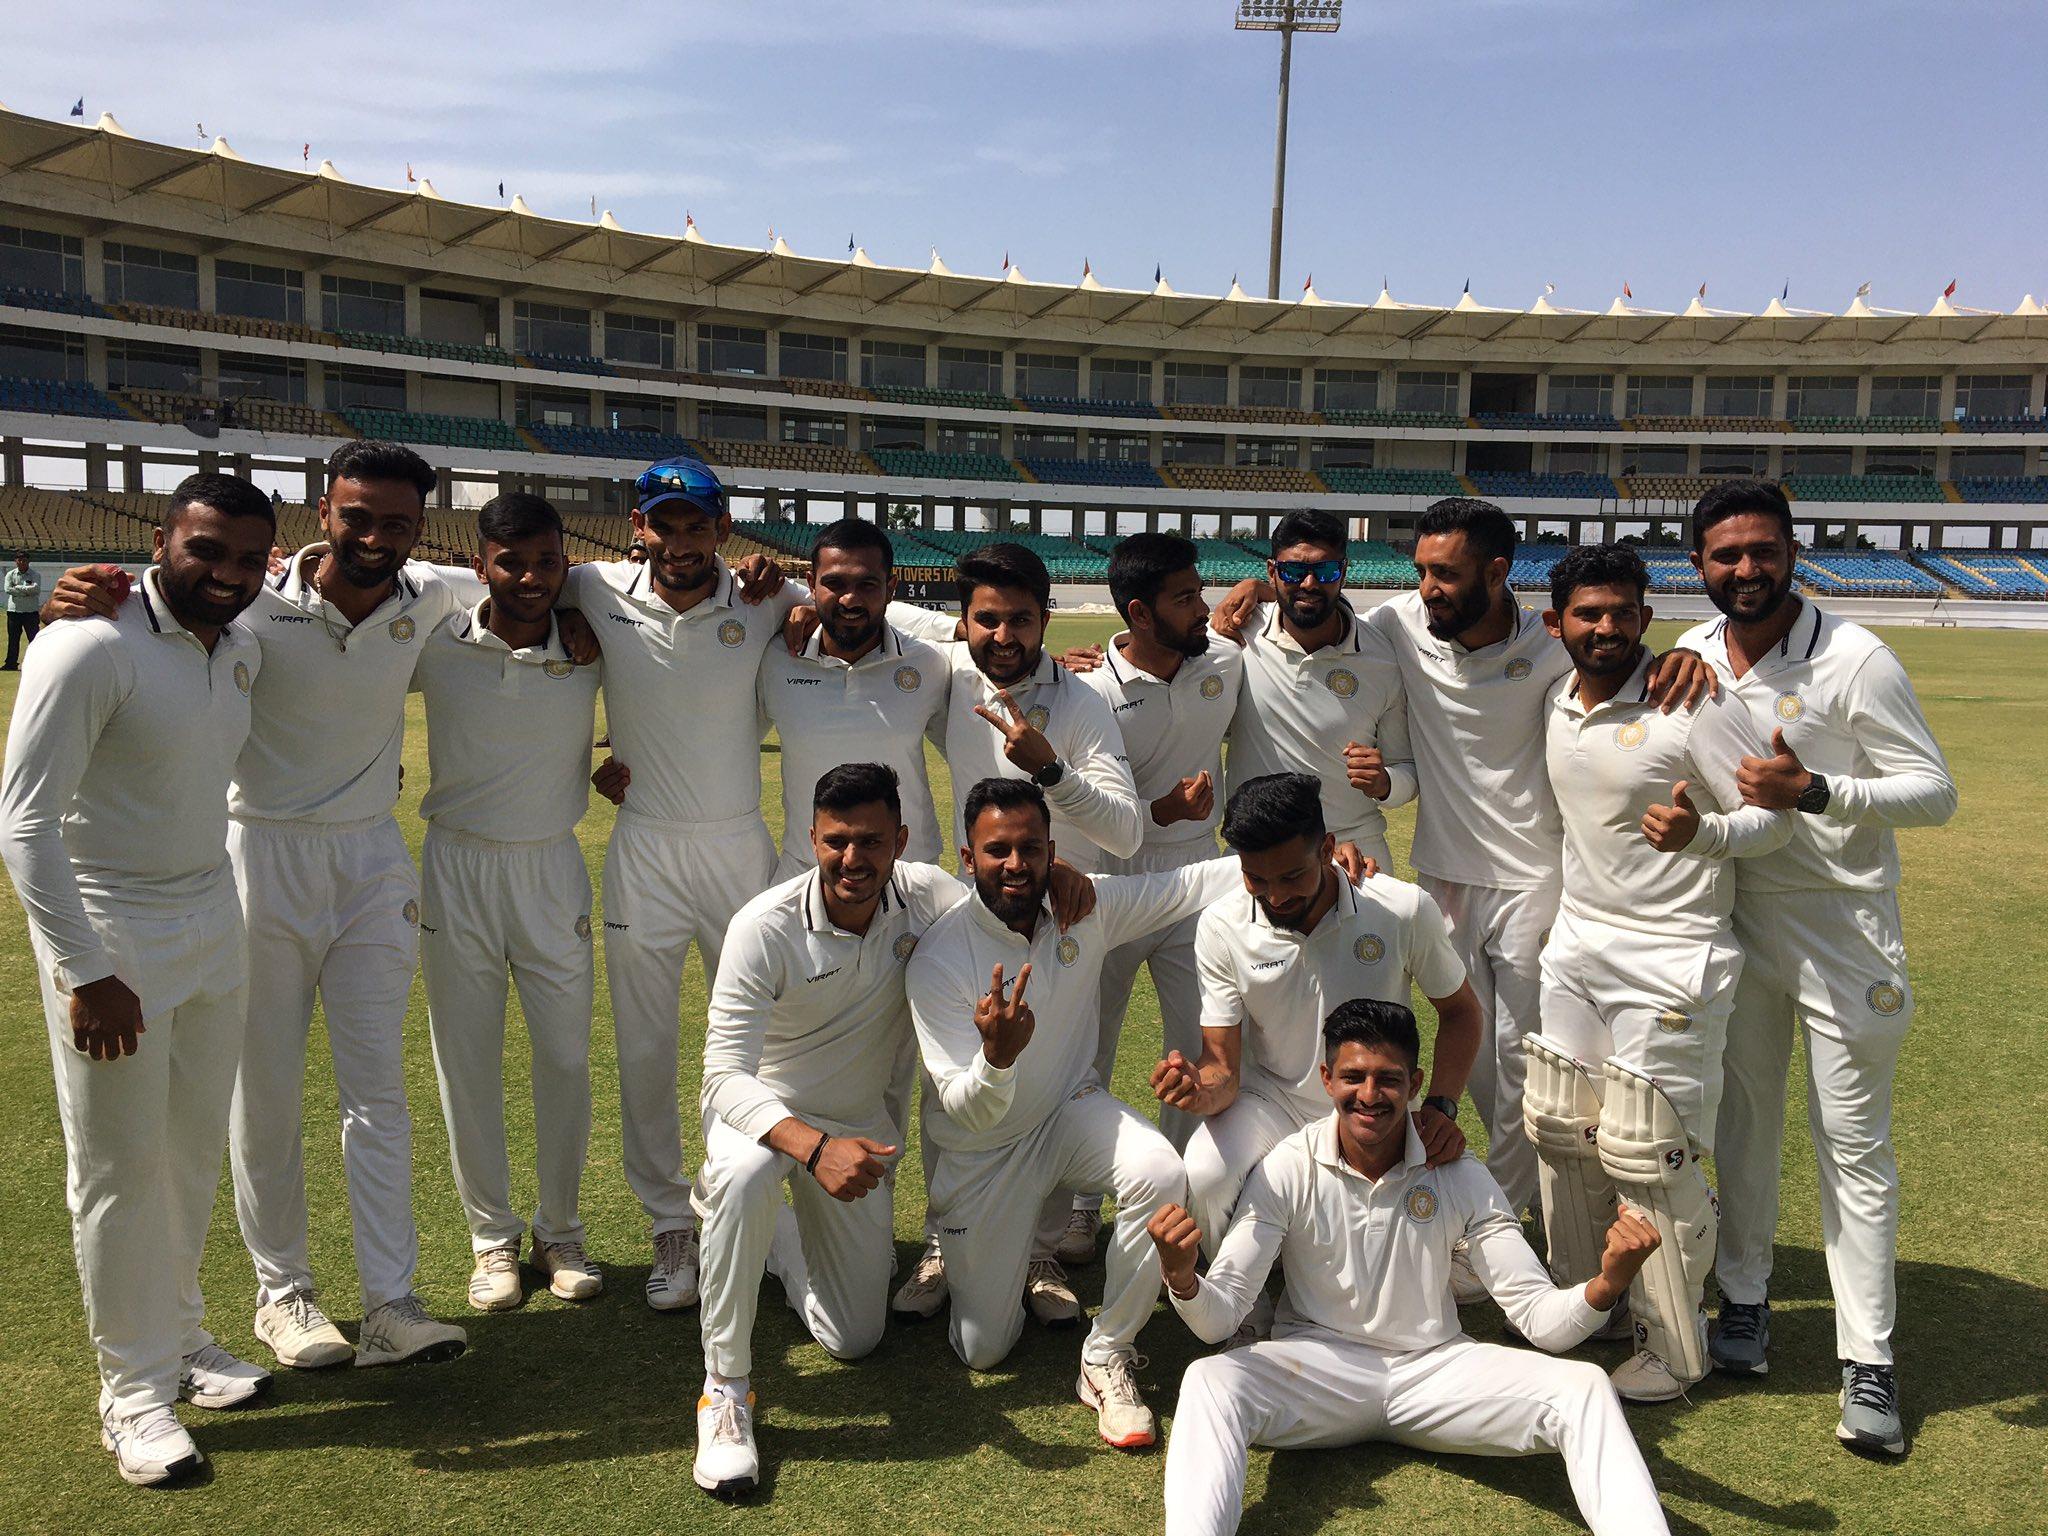 रणजी ट्रॉफी: पहली पारी में बढ़त के बाद ड्रॉ रहे फाइनल में सौराष्ट्र बनी विजेता 1